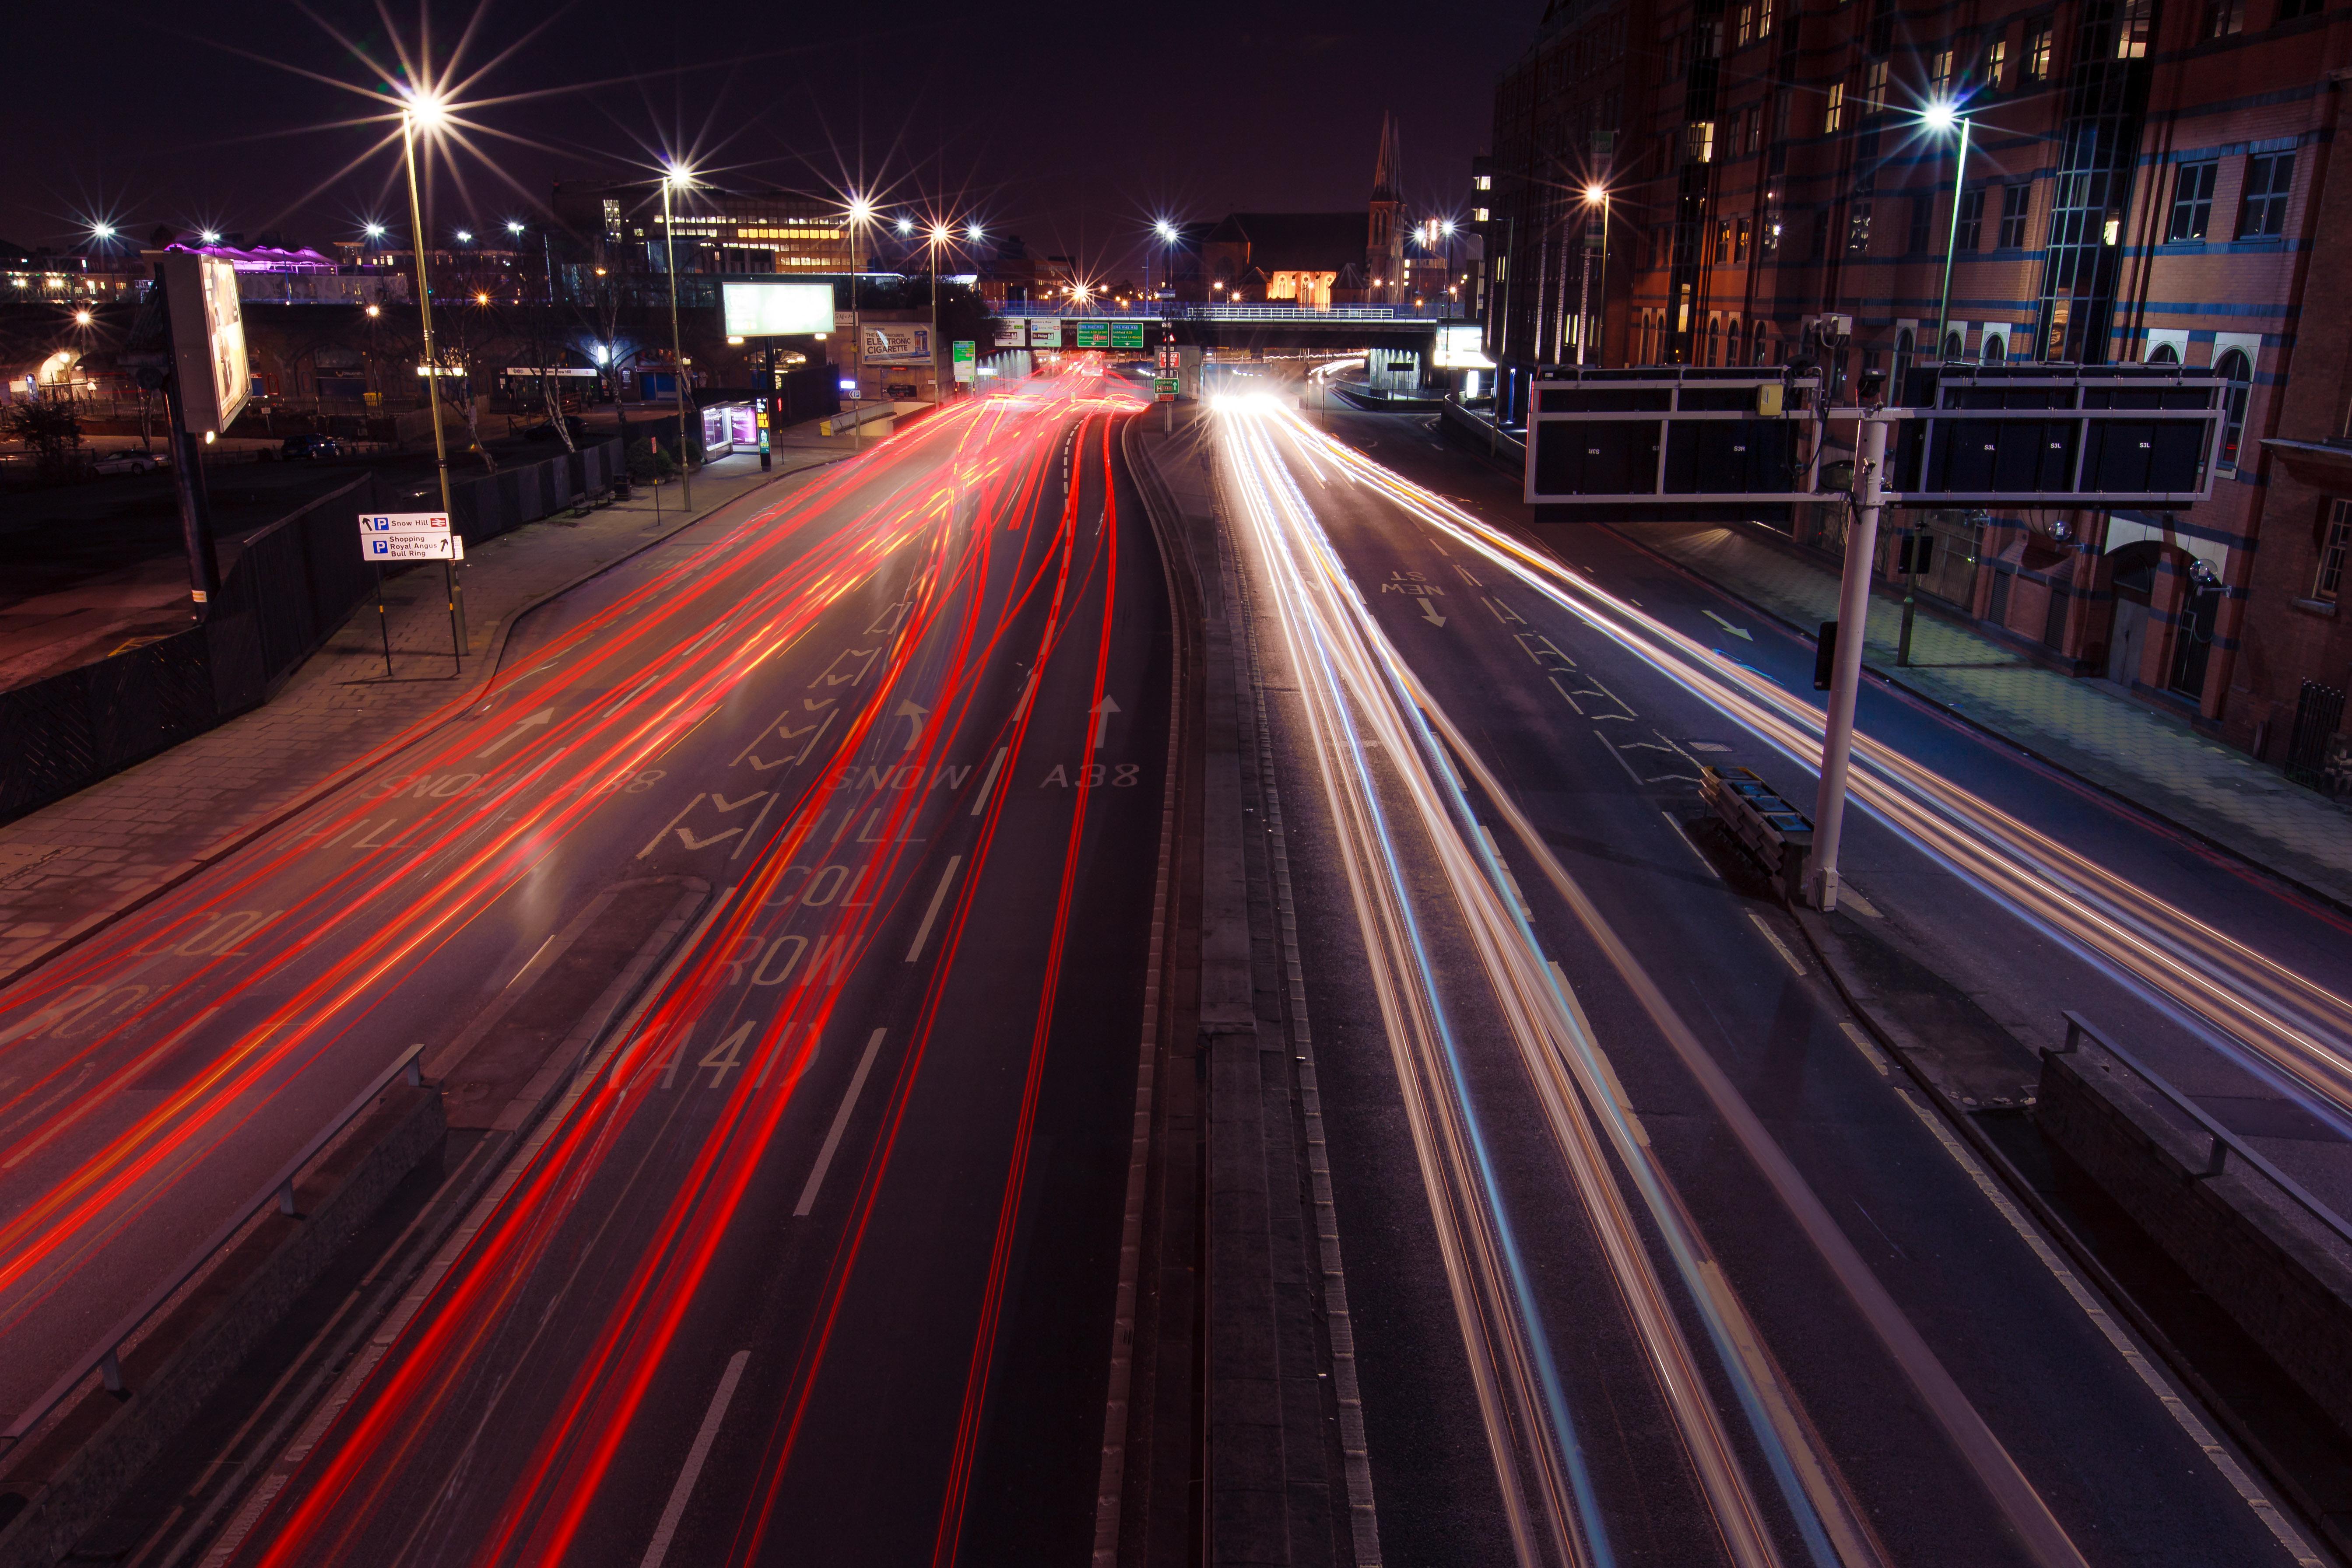 Sfondi : luci strada luce città paesaggio urbano notte auto